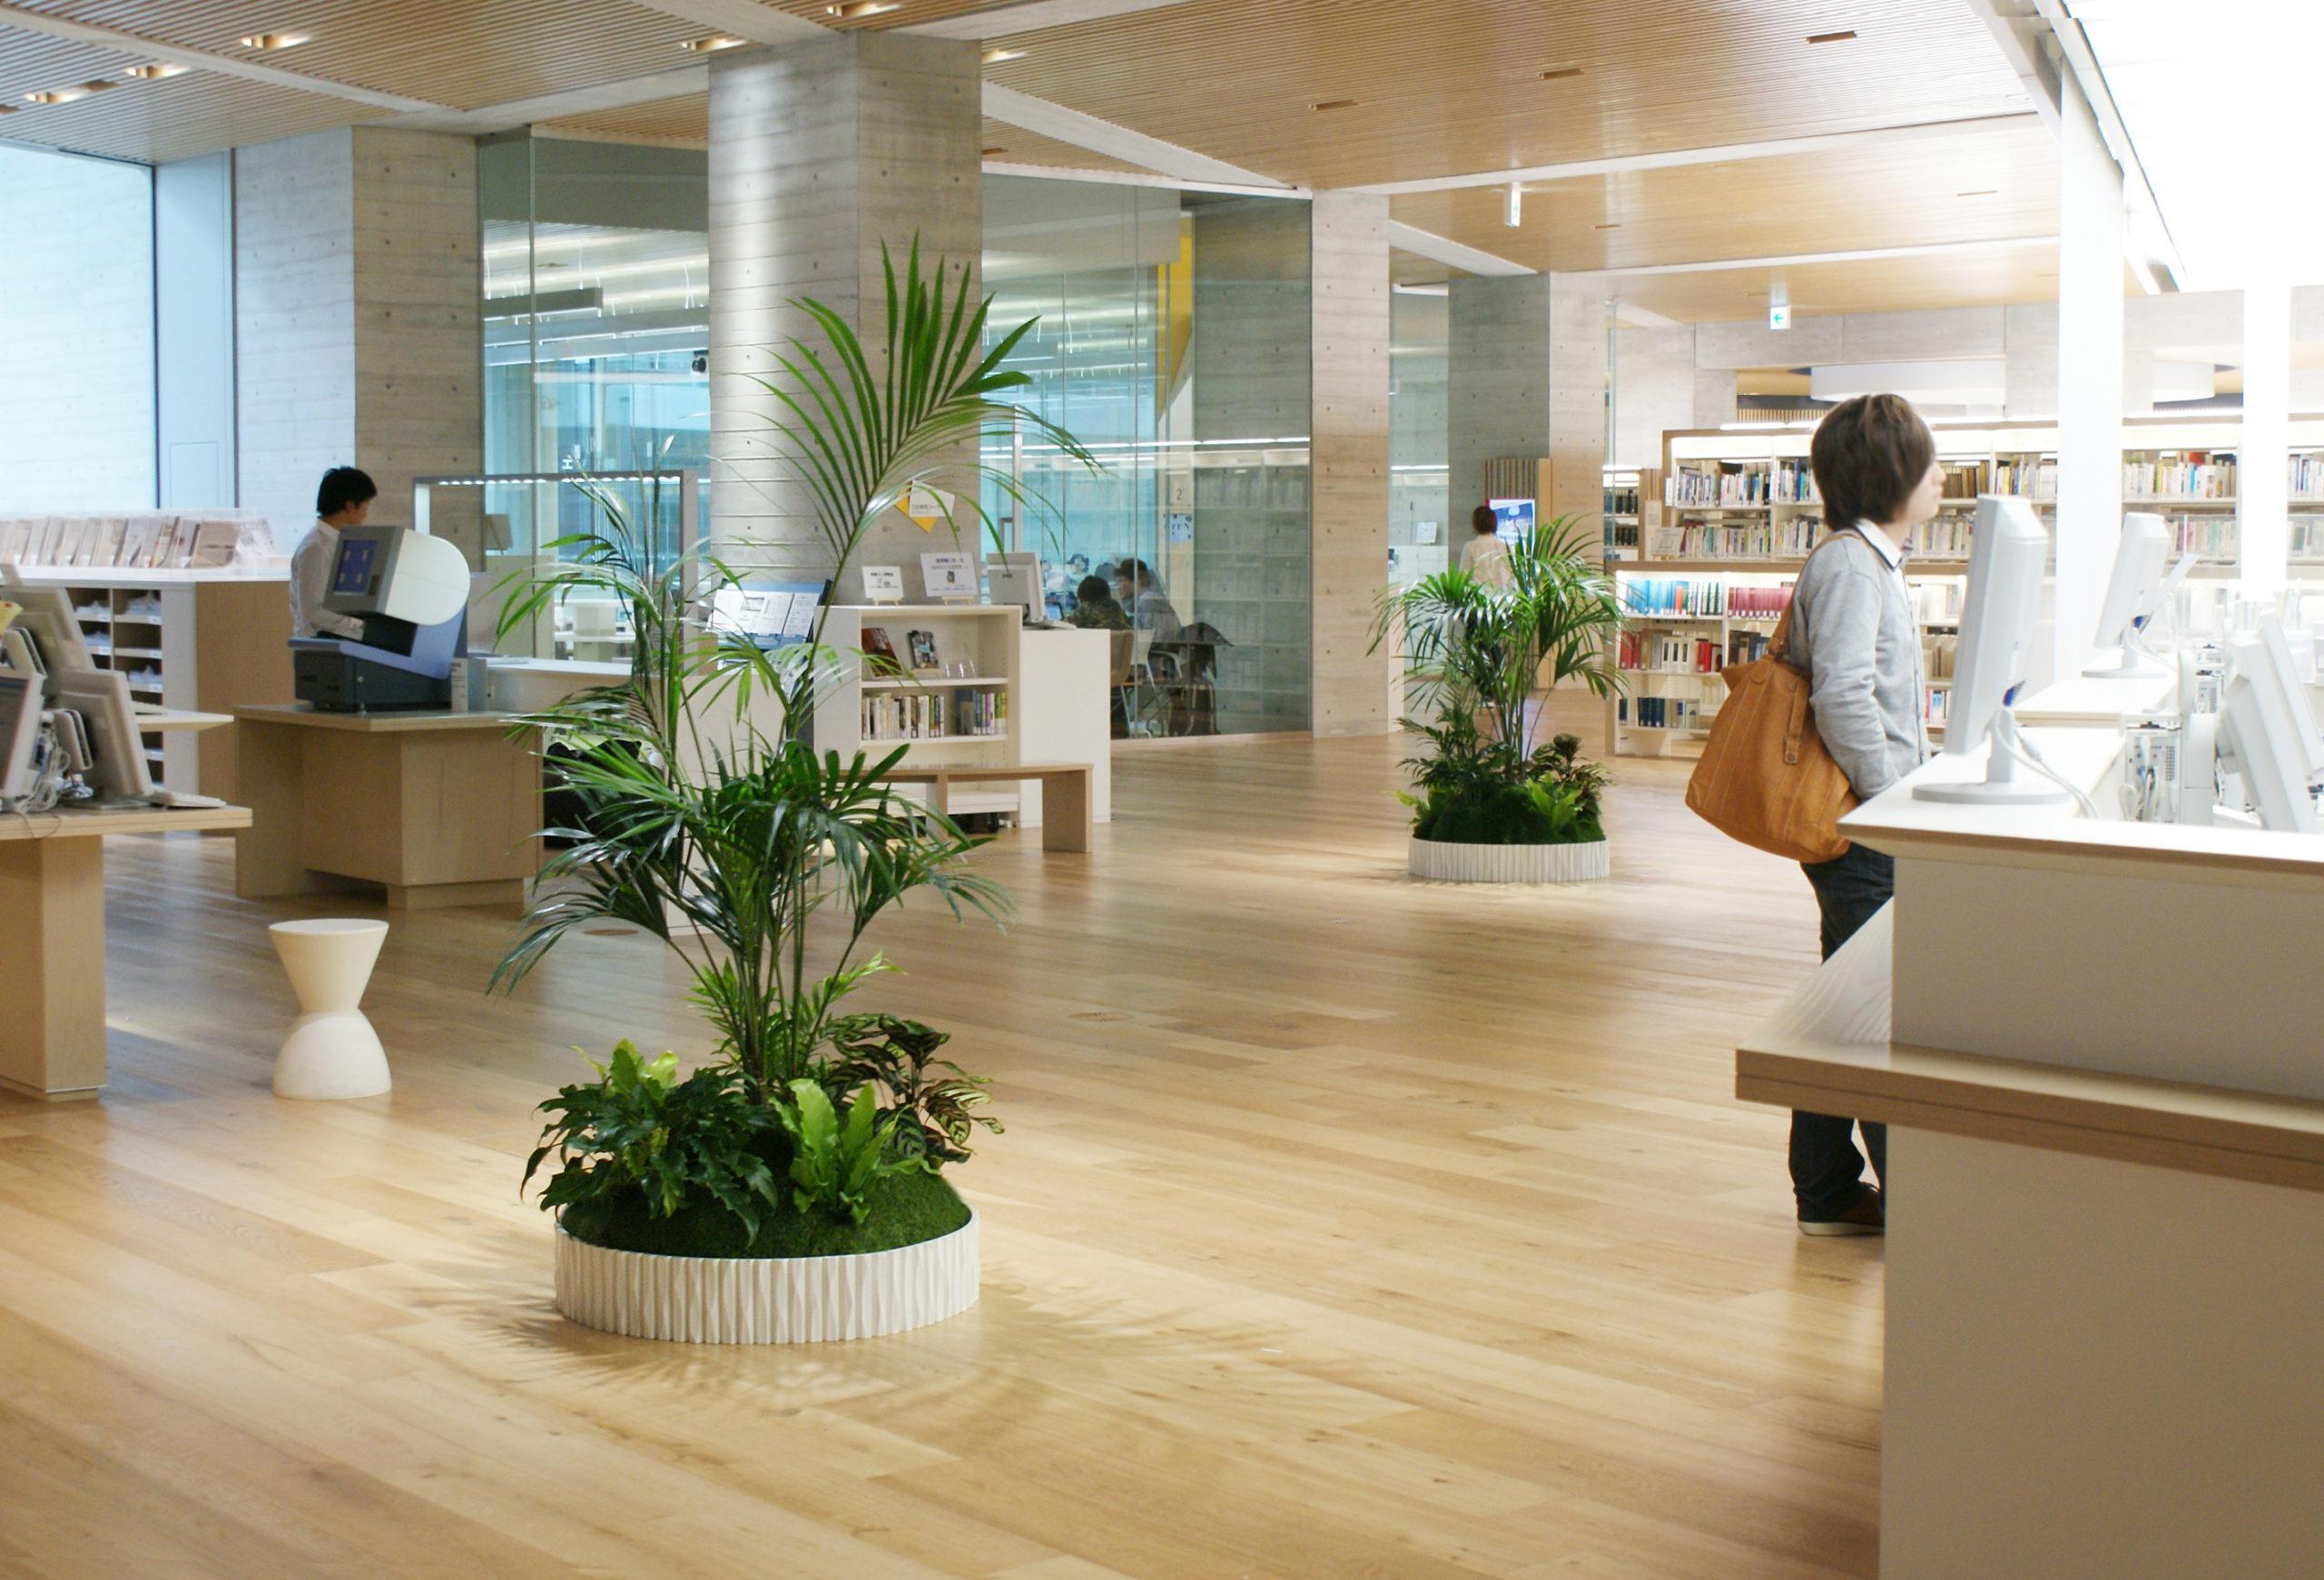 図書館にレンタルグリーンが設置されている例